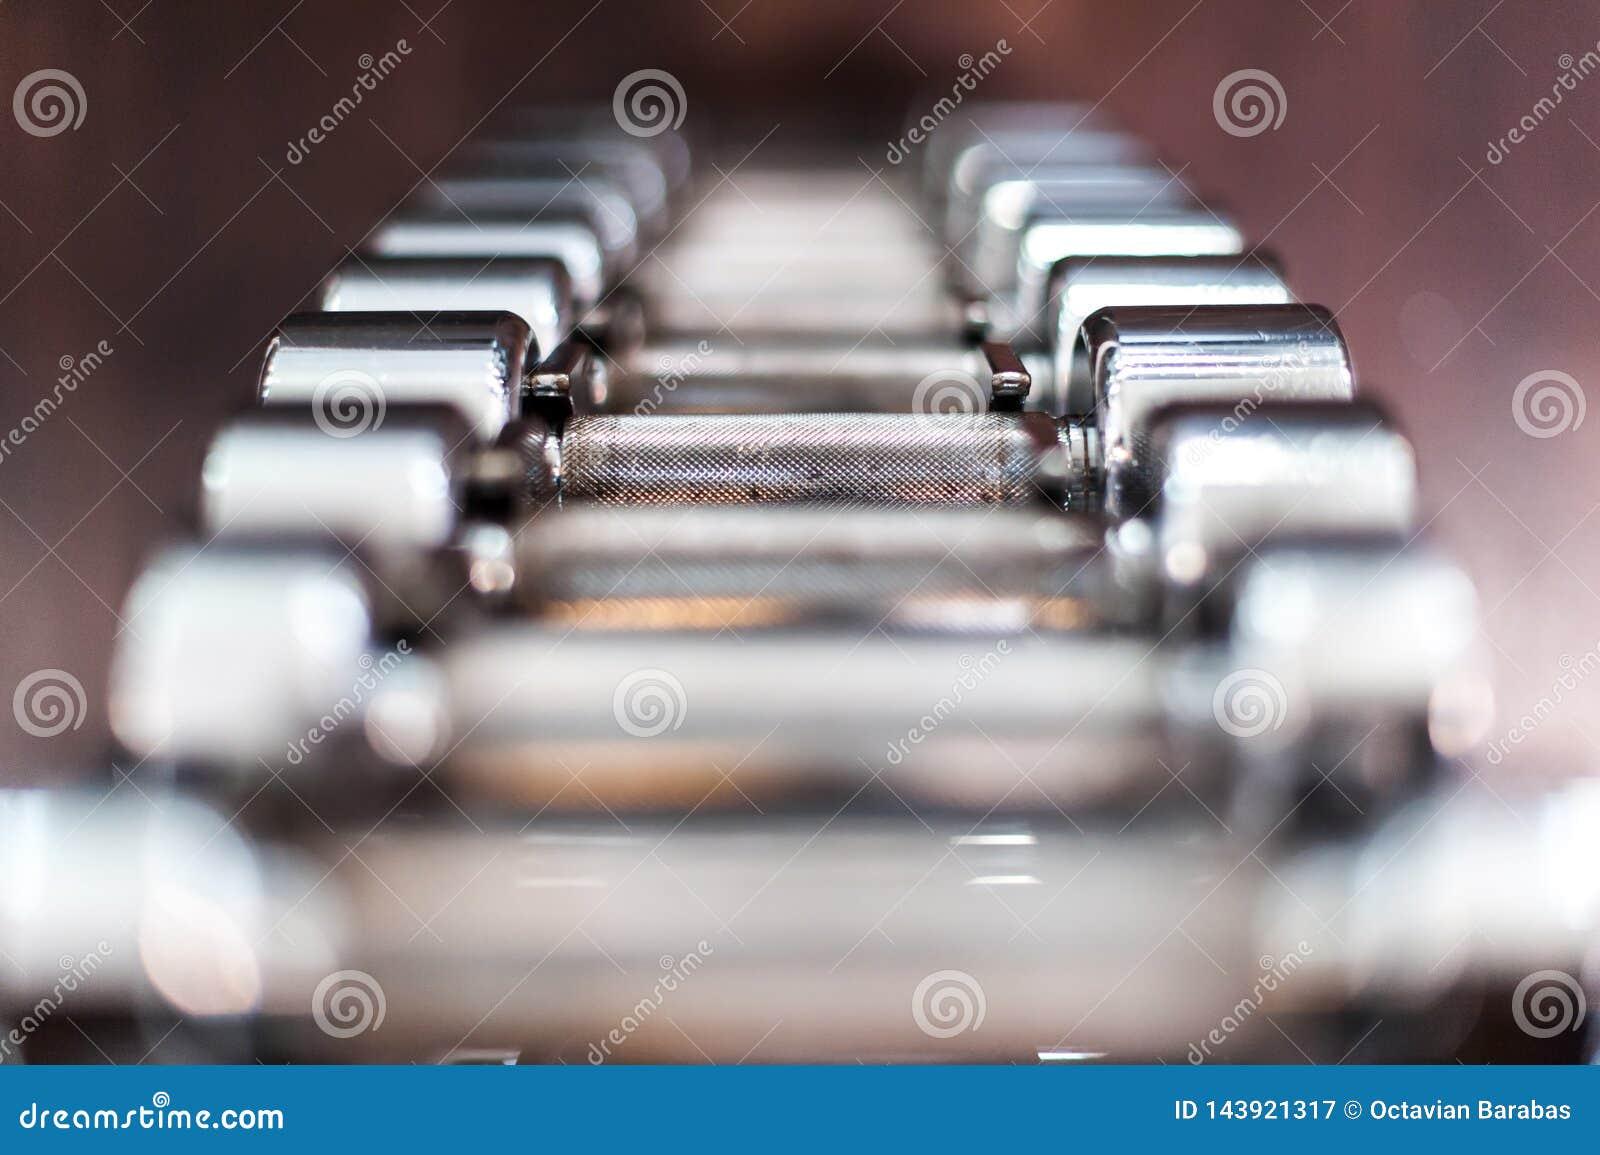 Teste di legno multiple del cromo nel centro di forma fisica